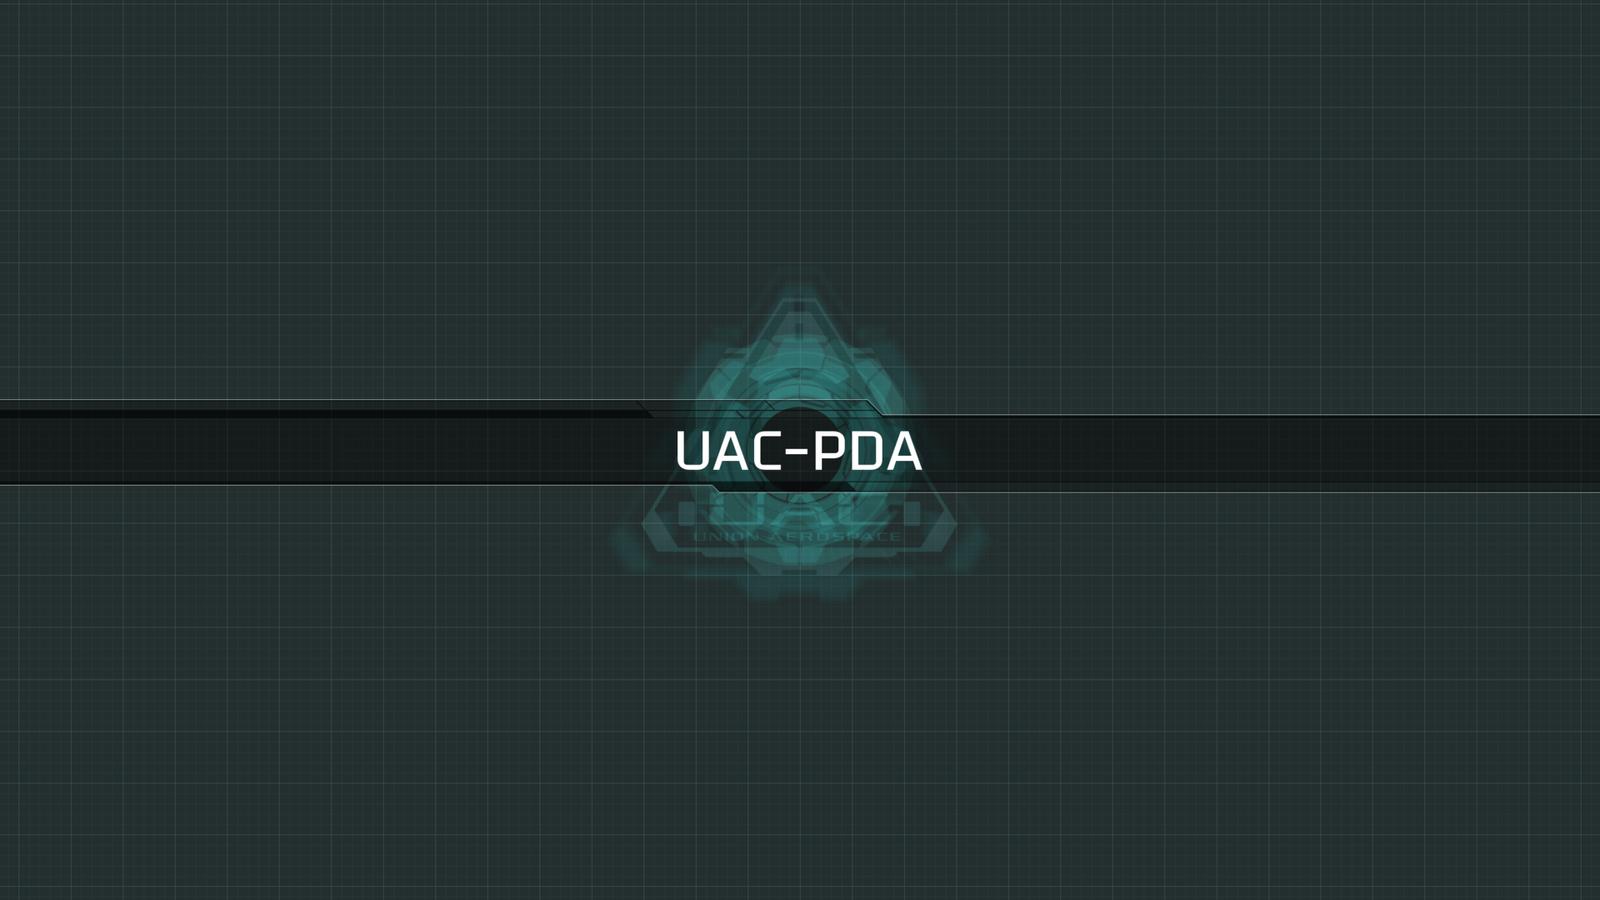 uac_pda_1920_1080.png.8c73fe38f284ca8cceb96fada4d31b63.png